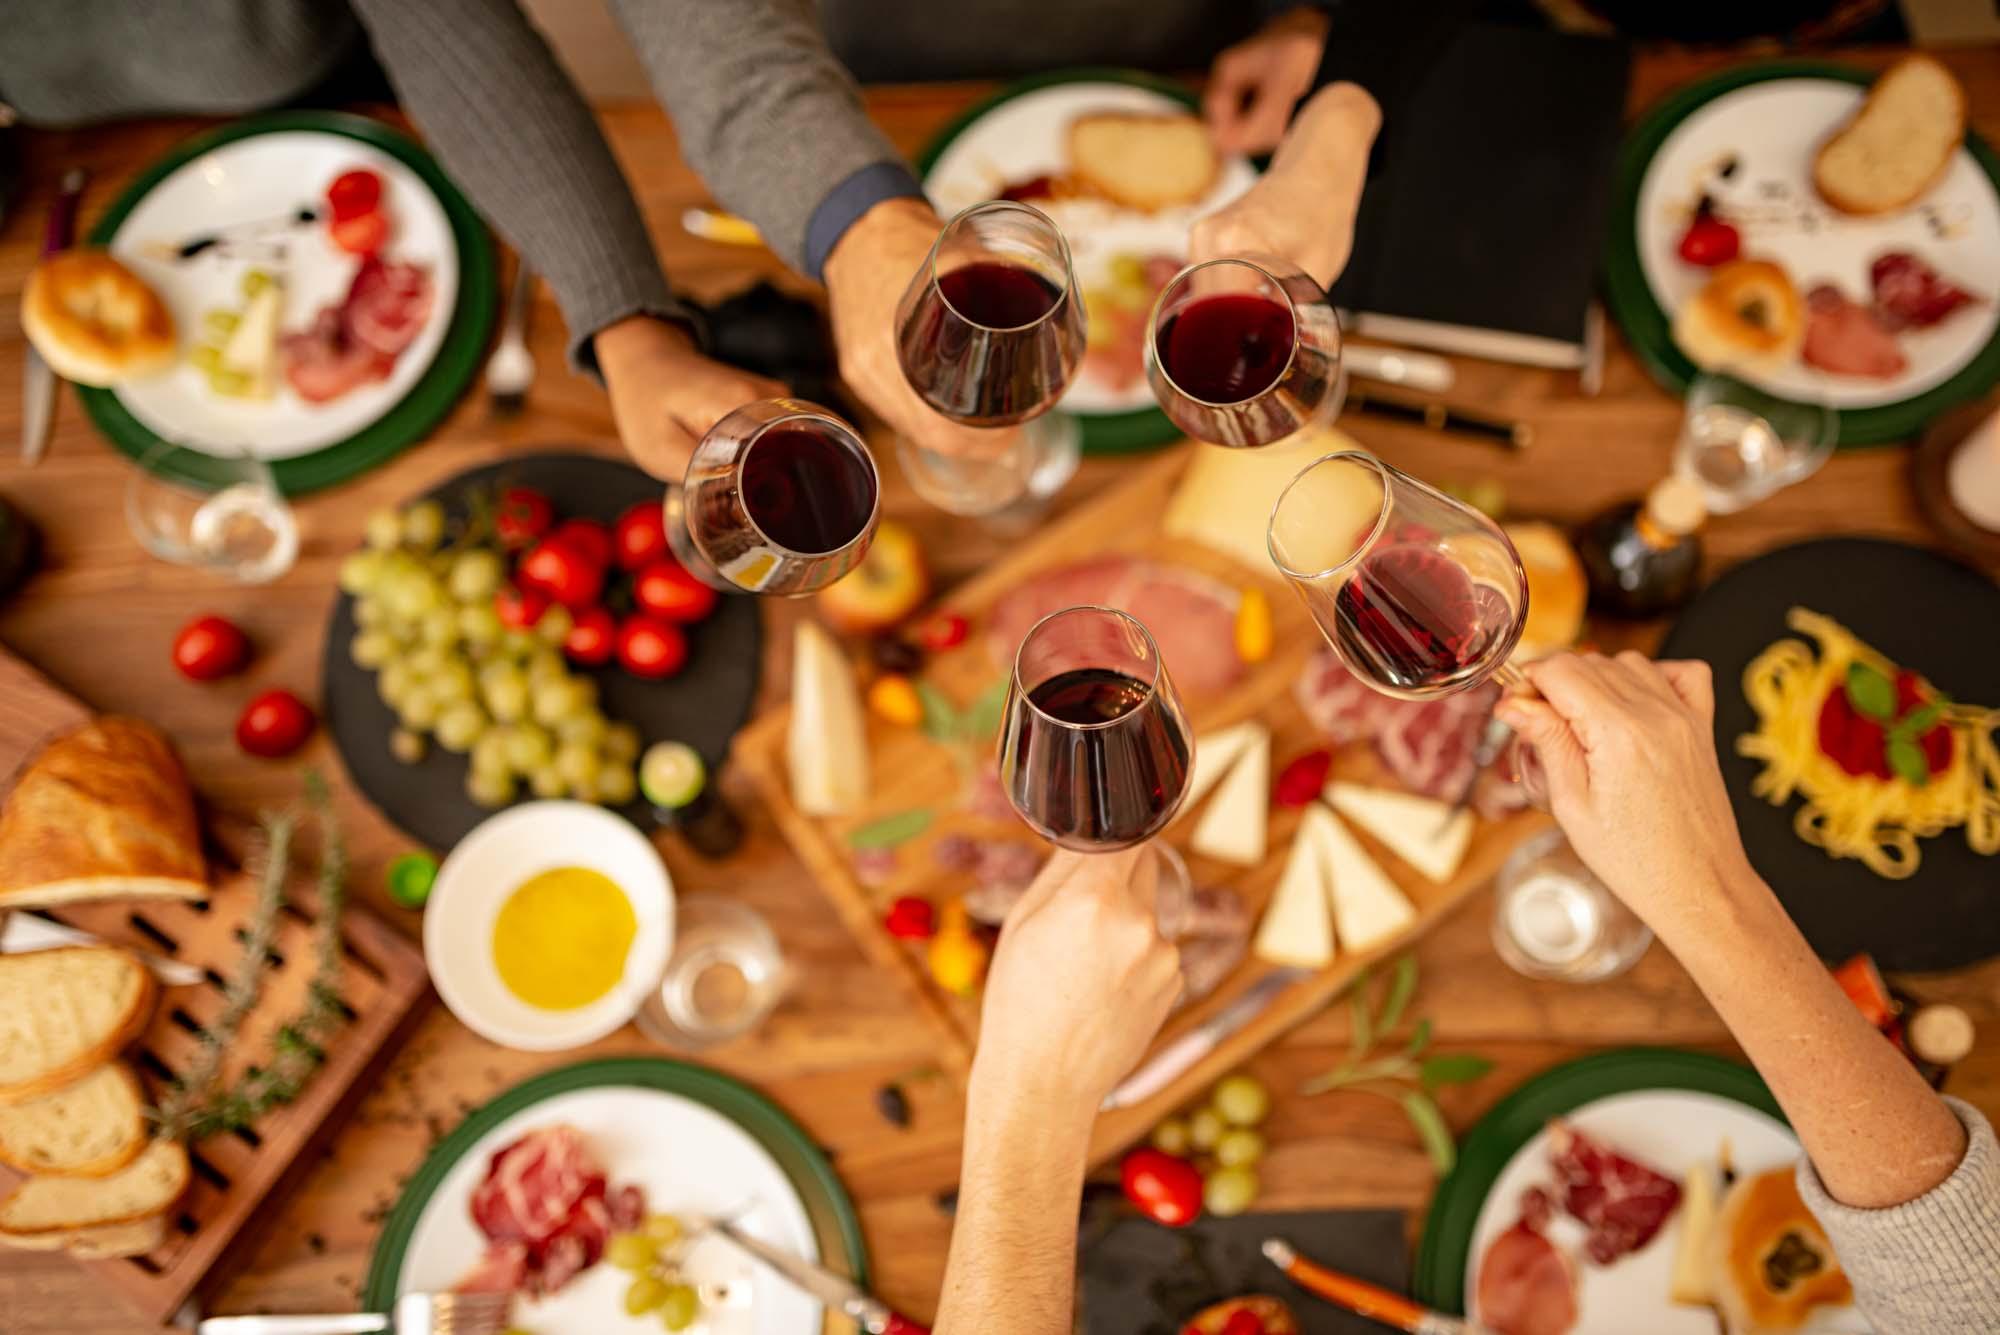 Corsi Di Cucina Cene Aziendali a Genova